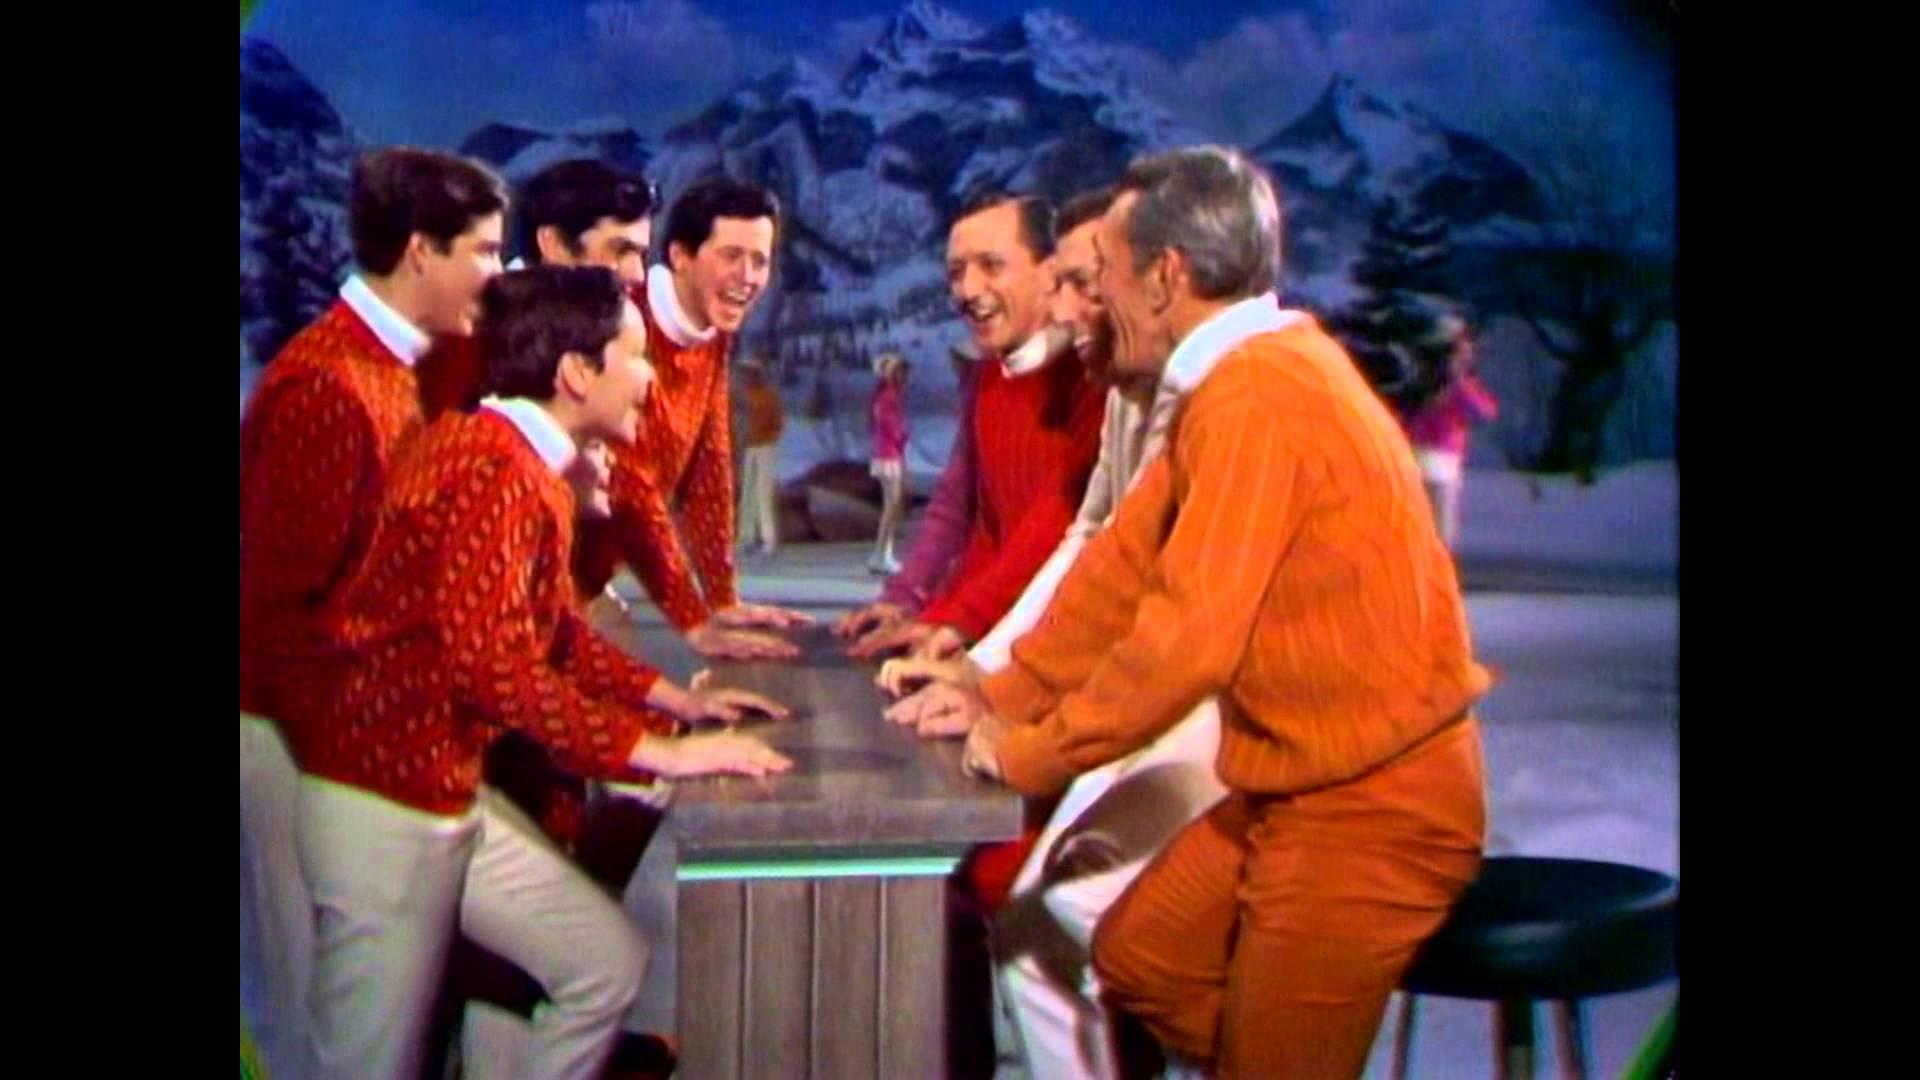 Andy Williams Christmas.The Andy Williams Christmas Show 1971 Imdb